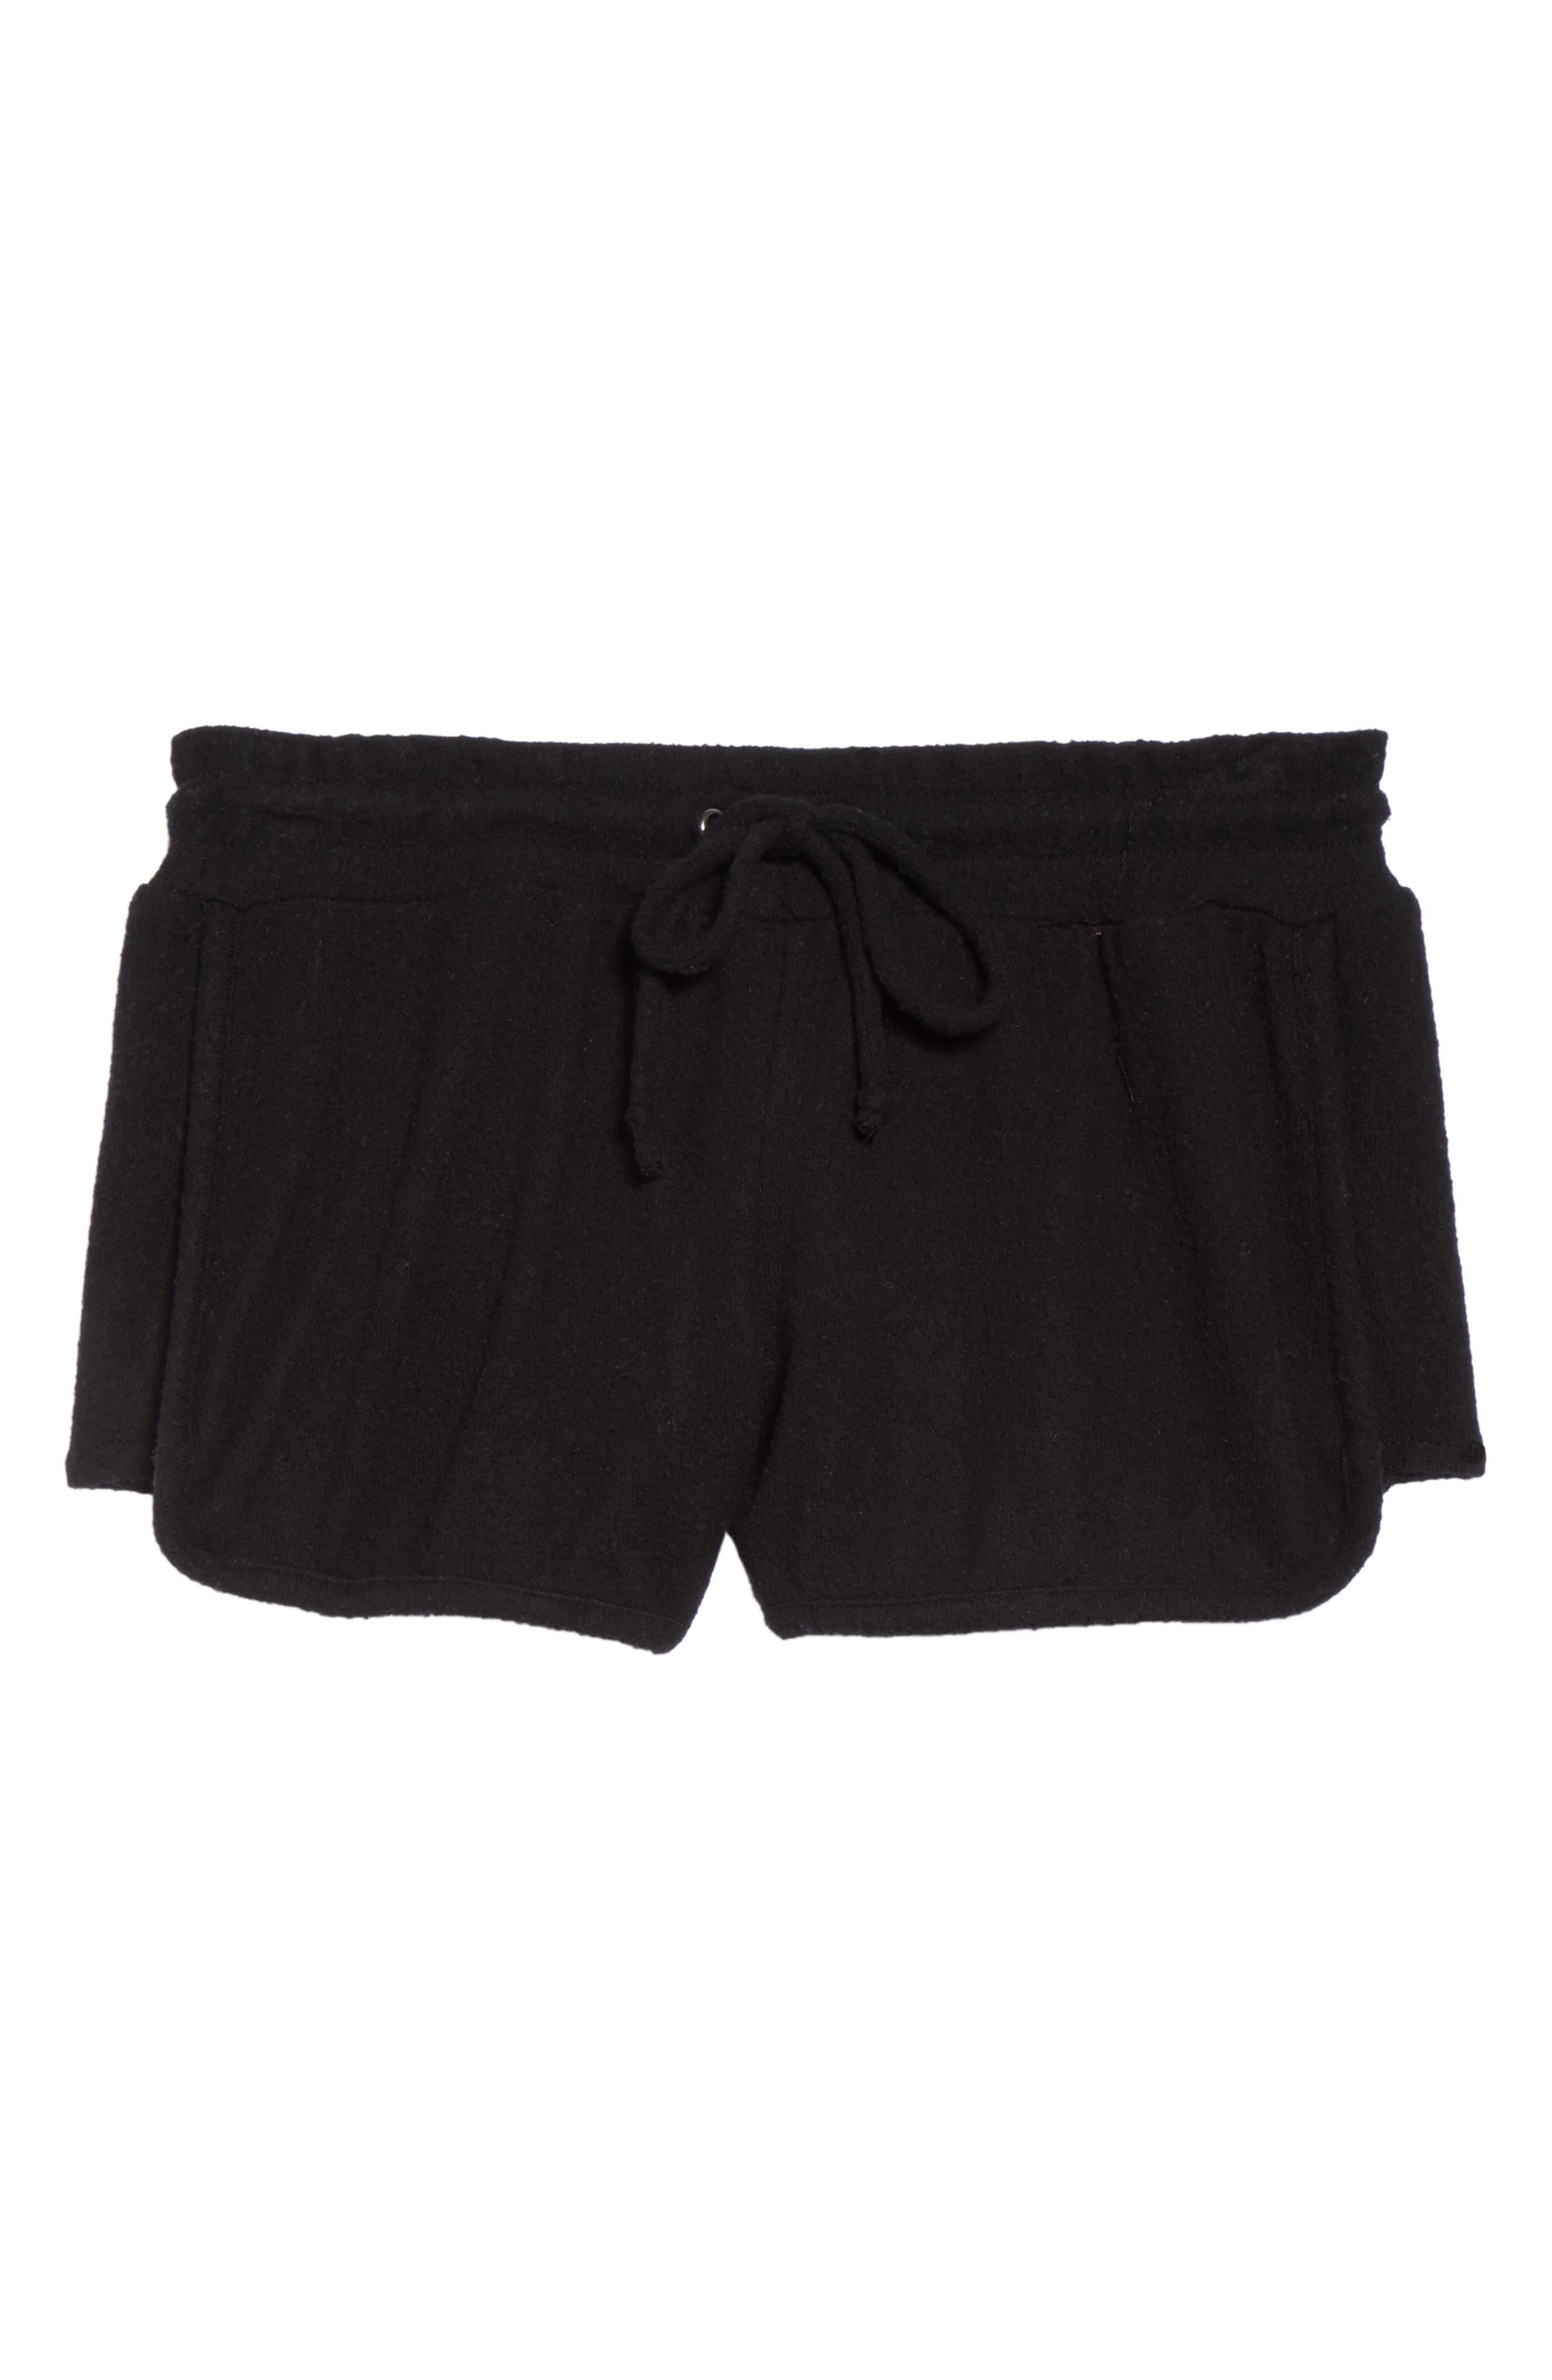 Love Shorts,                             Alternate thumbnail 6, color,                             001